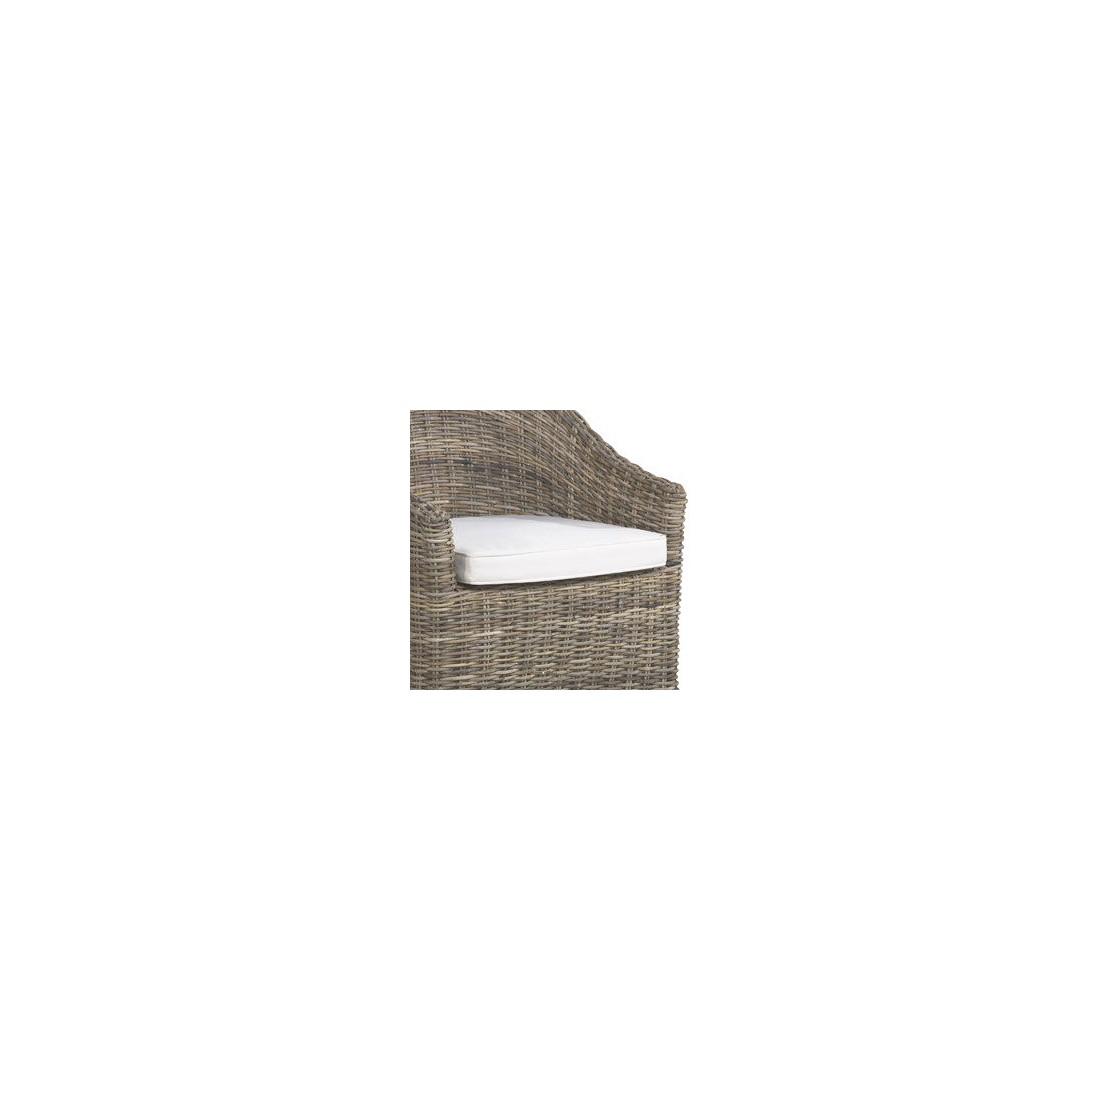 Coussin seul pour bridge ou petit fauteuil en rotin kooboo - Coussin pour fauteuil en rotin ou osier ...